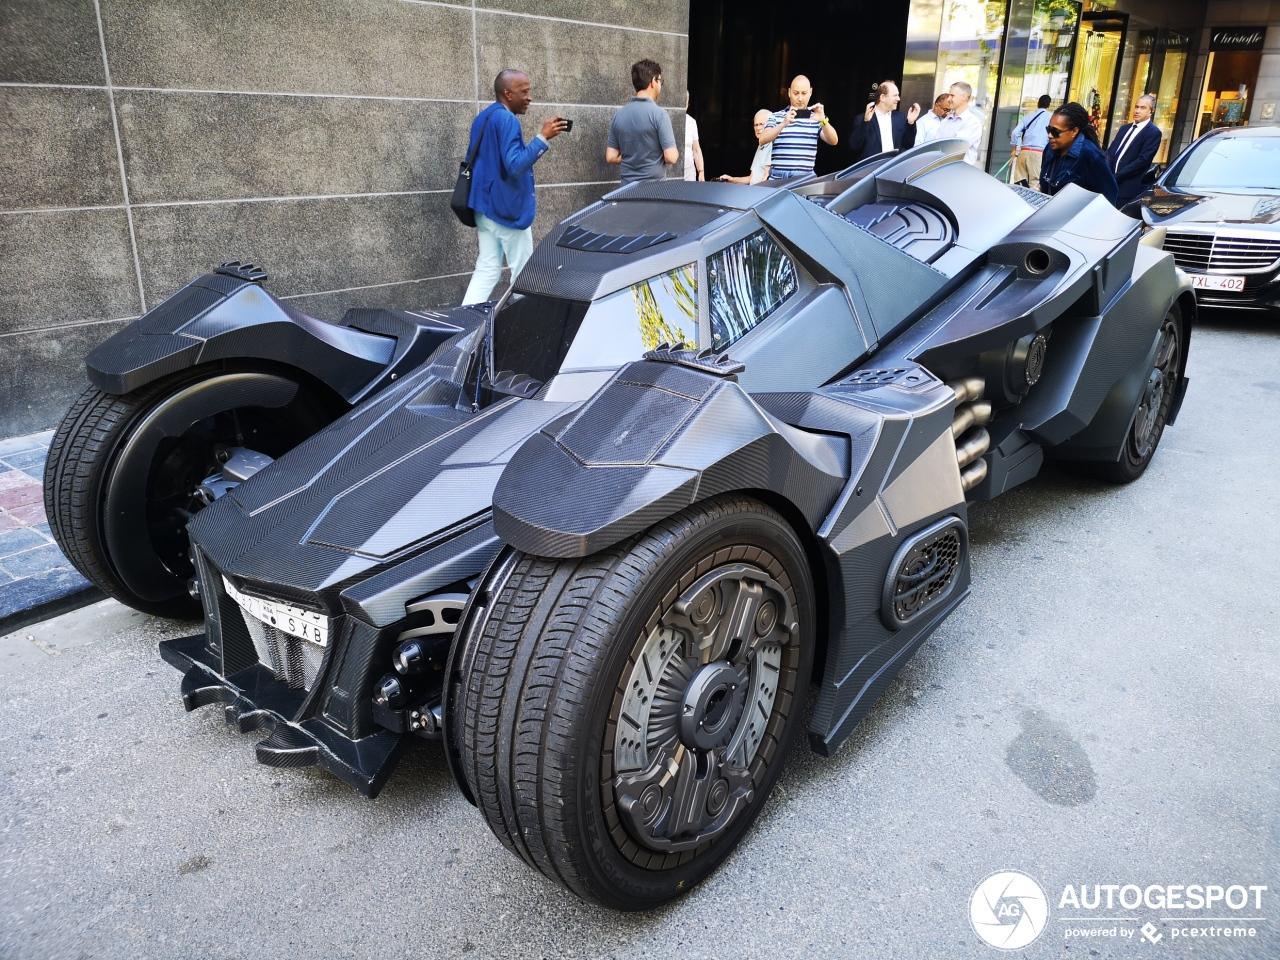 Batmobile scheurt door Nederland: steenrijke Arabier waant zich een superheld